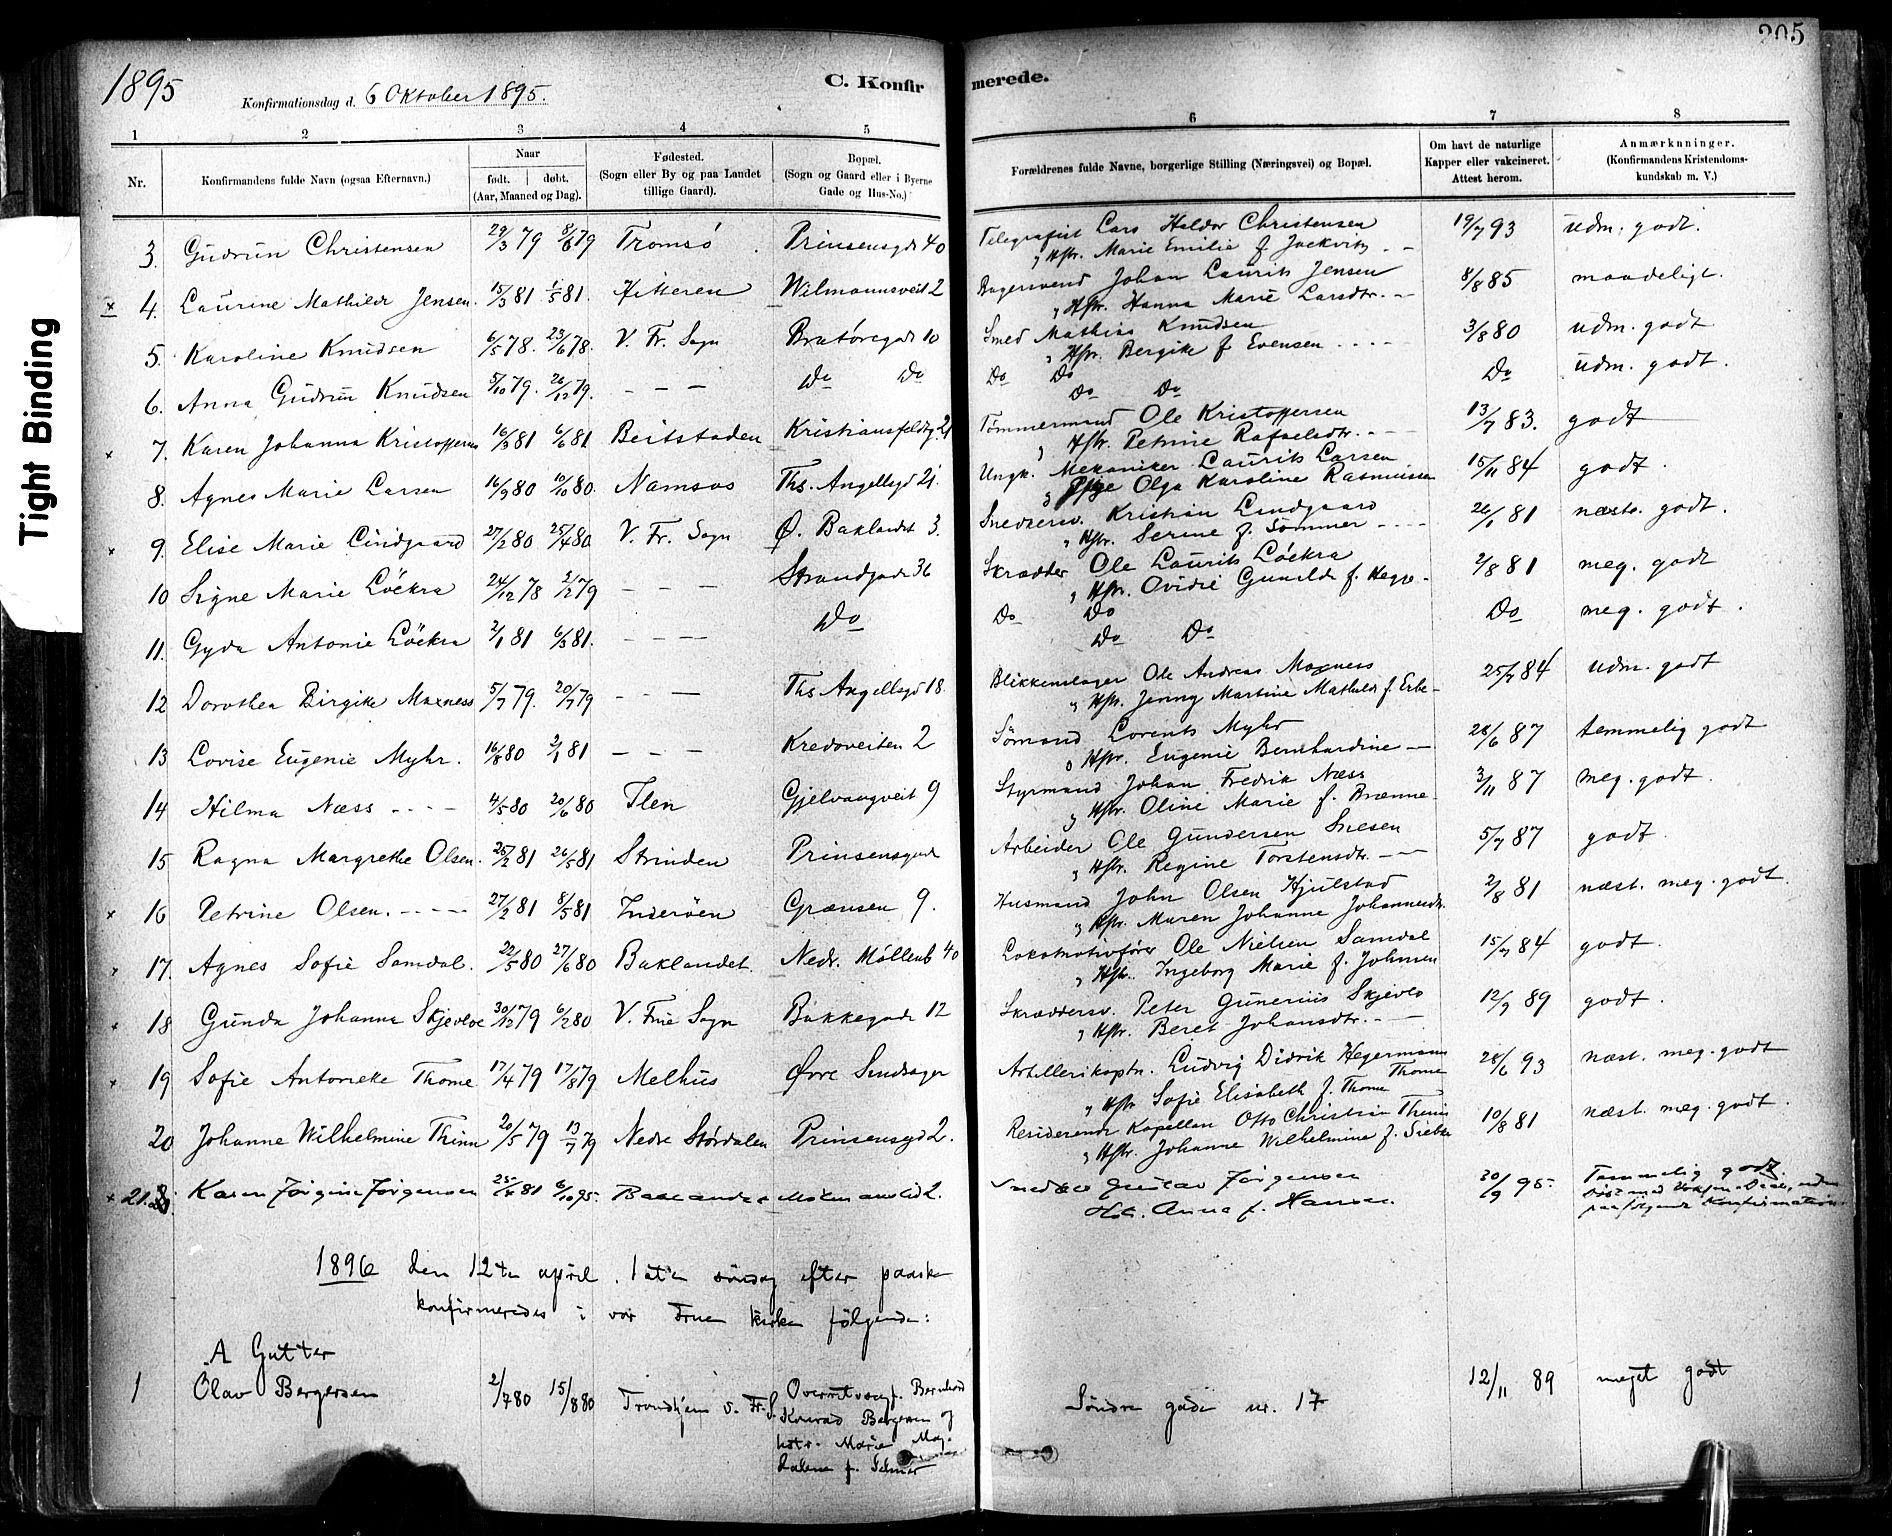 SAT, Ministerialprotokoller, klokkerbøker og fødselsregistre - Sør-Trøndelag, 602/L0119: Ministerialbok nr. 602A17, 1880-1901, s. 205